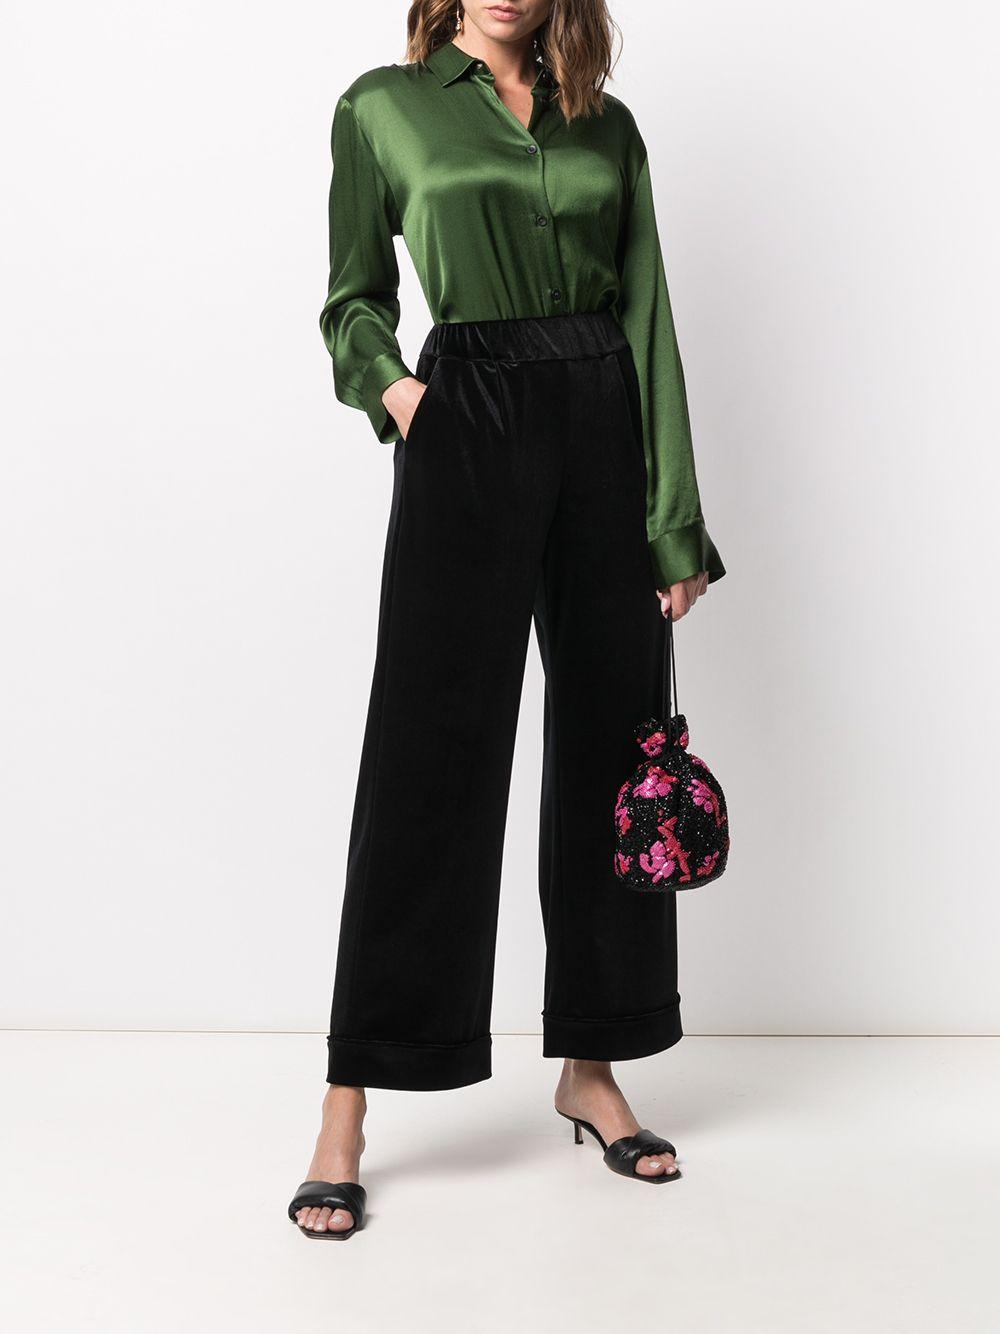 Black velvet wide-leg trousers featuring high waist ALTEA |  | 206355890